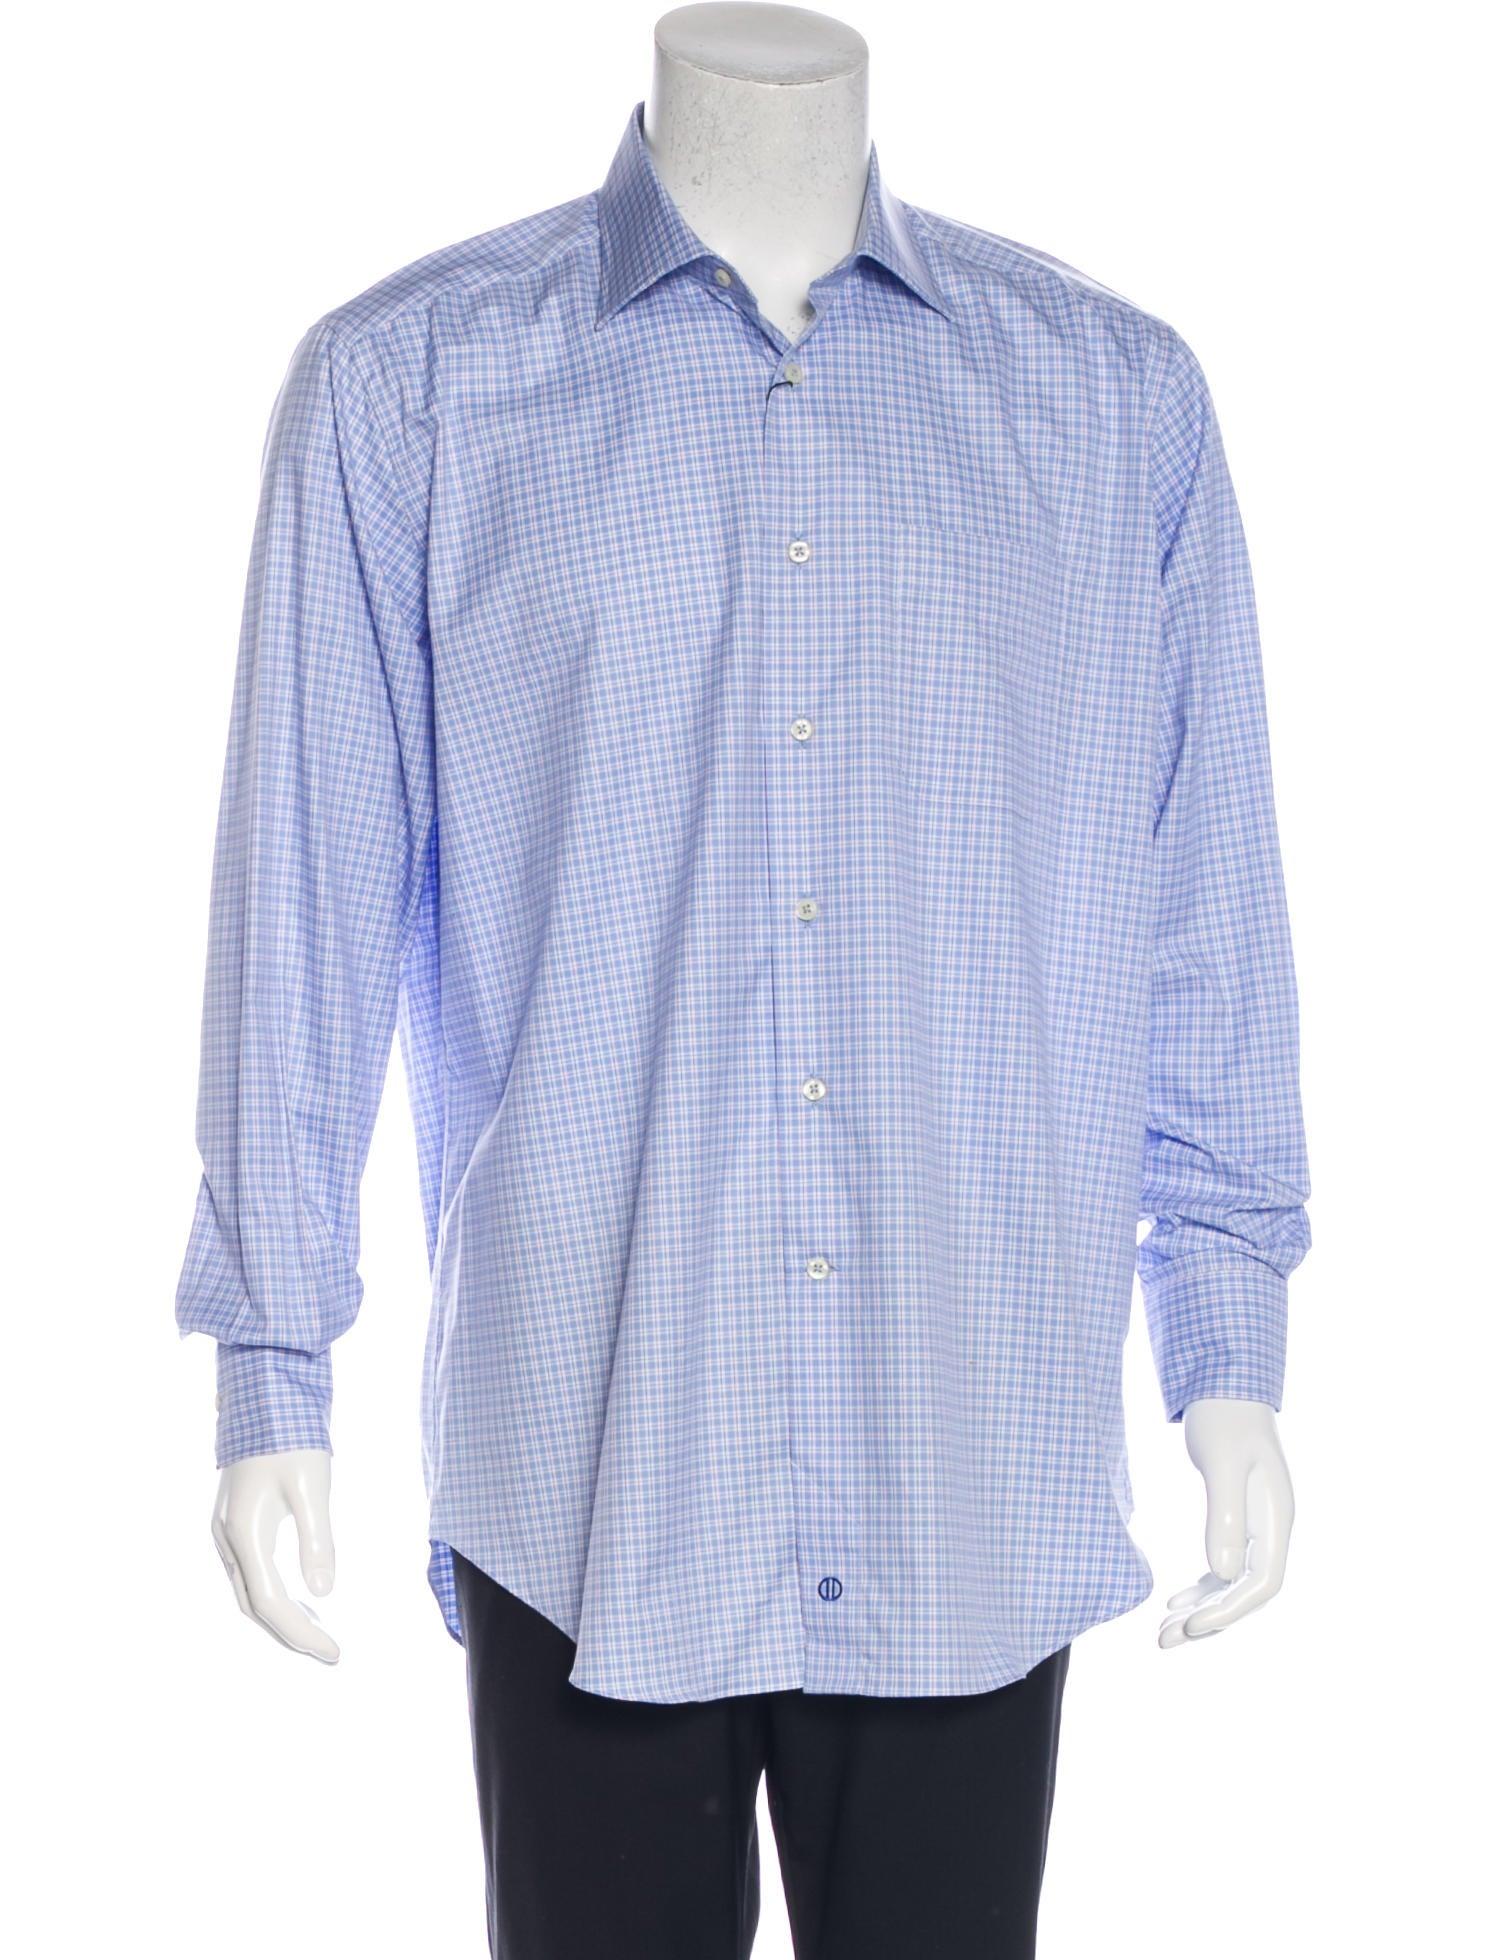 David Donahue Plaid Long Sleeve Shirt W Tags Clothing